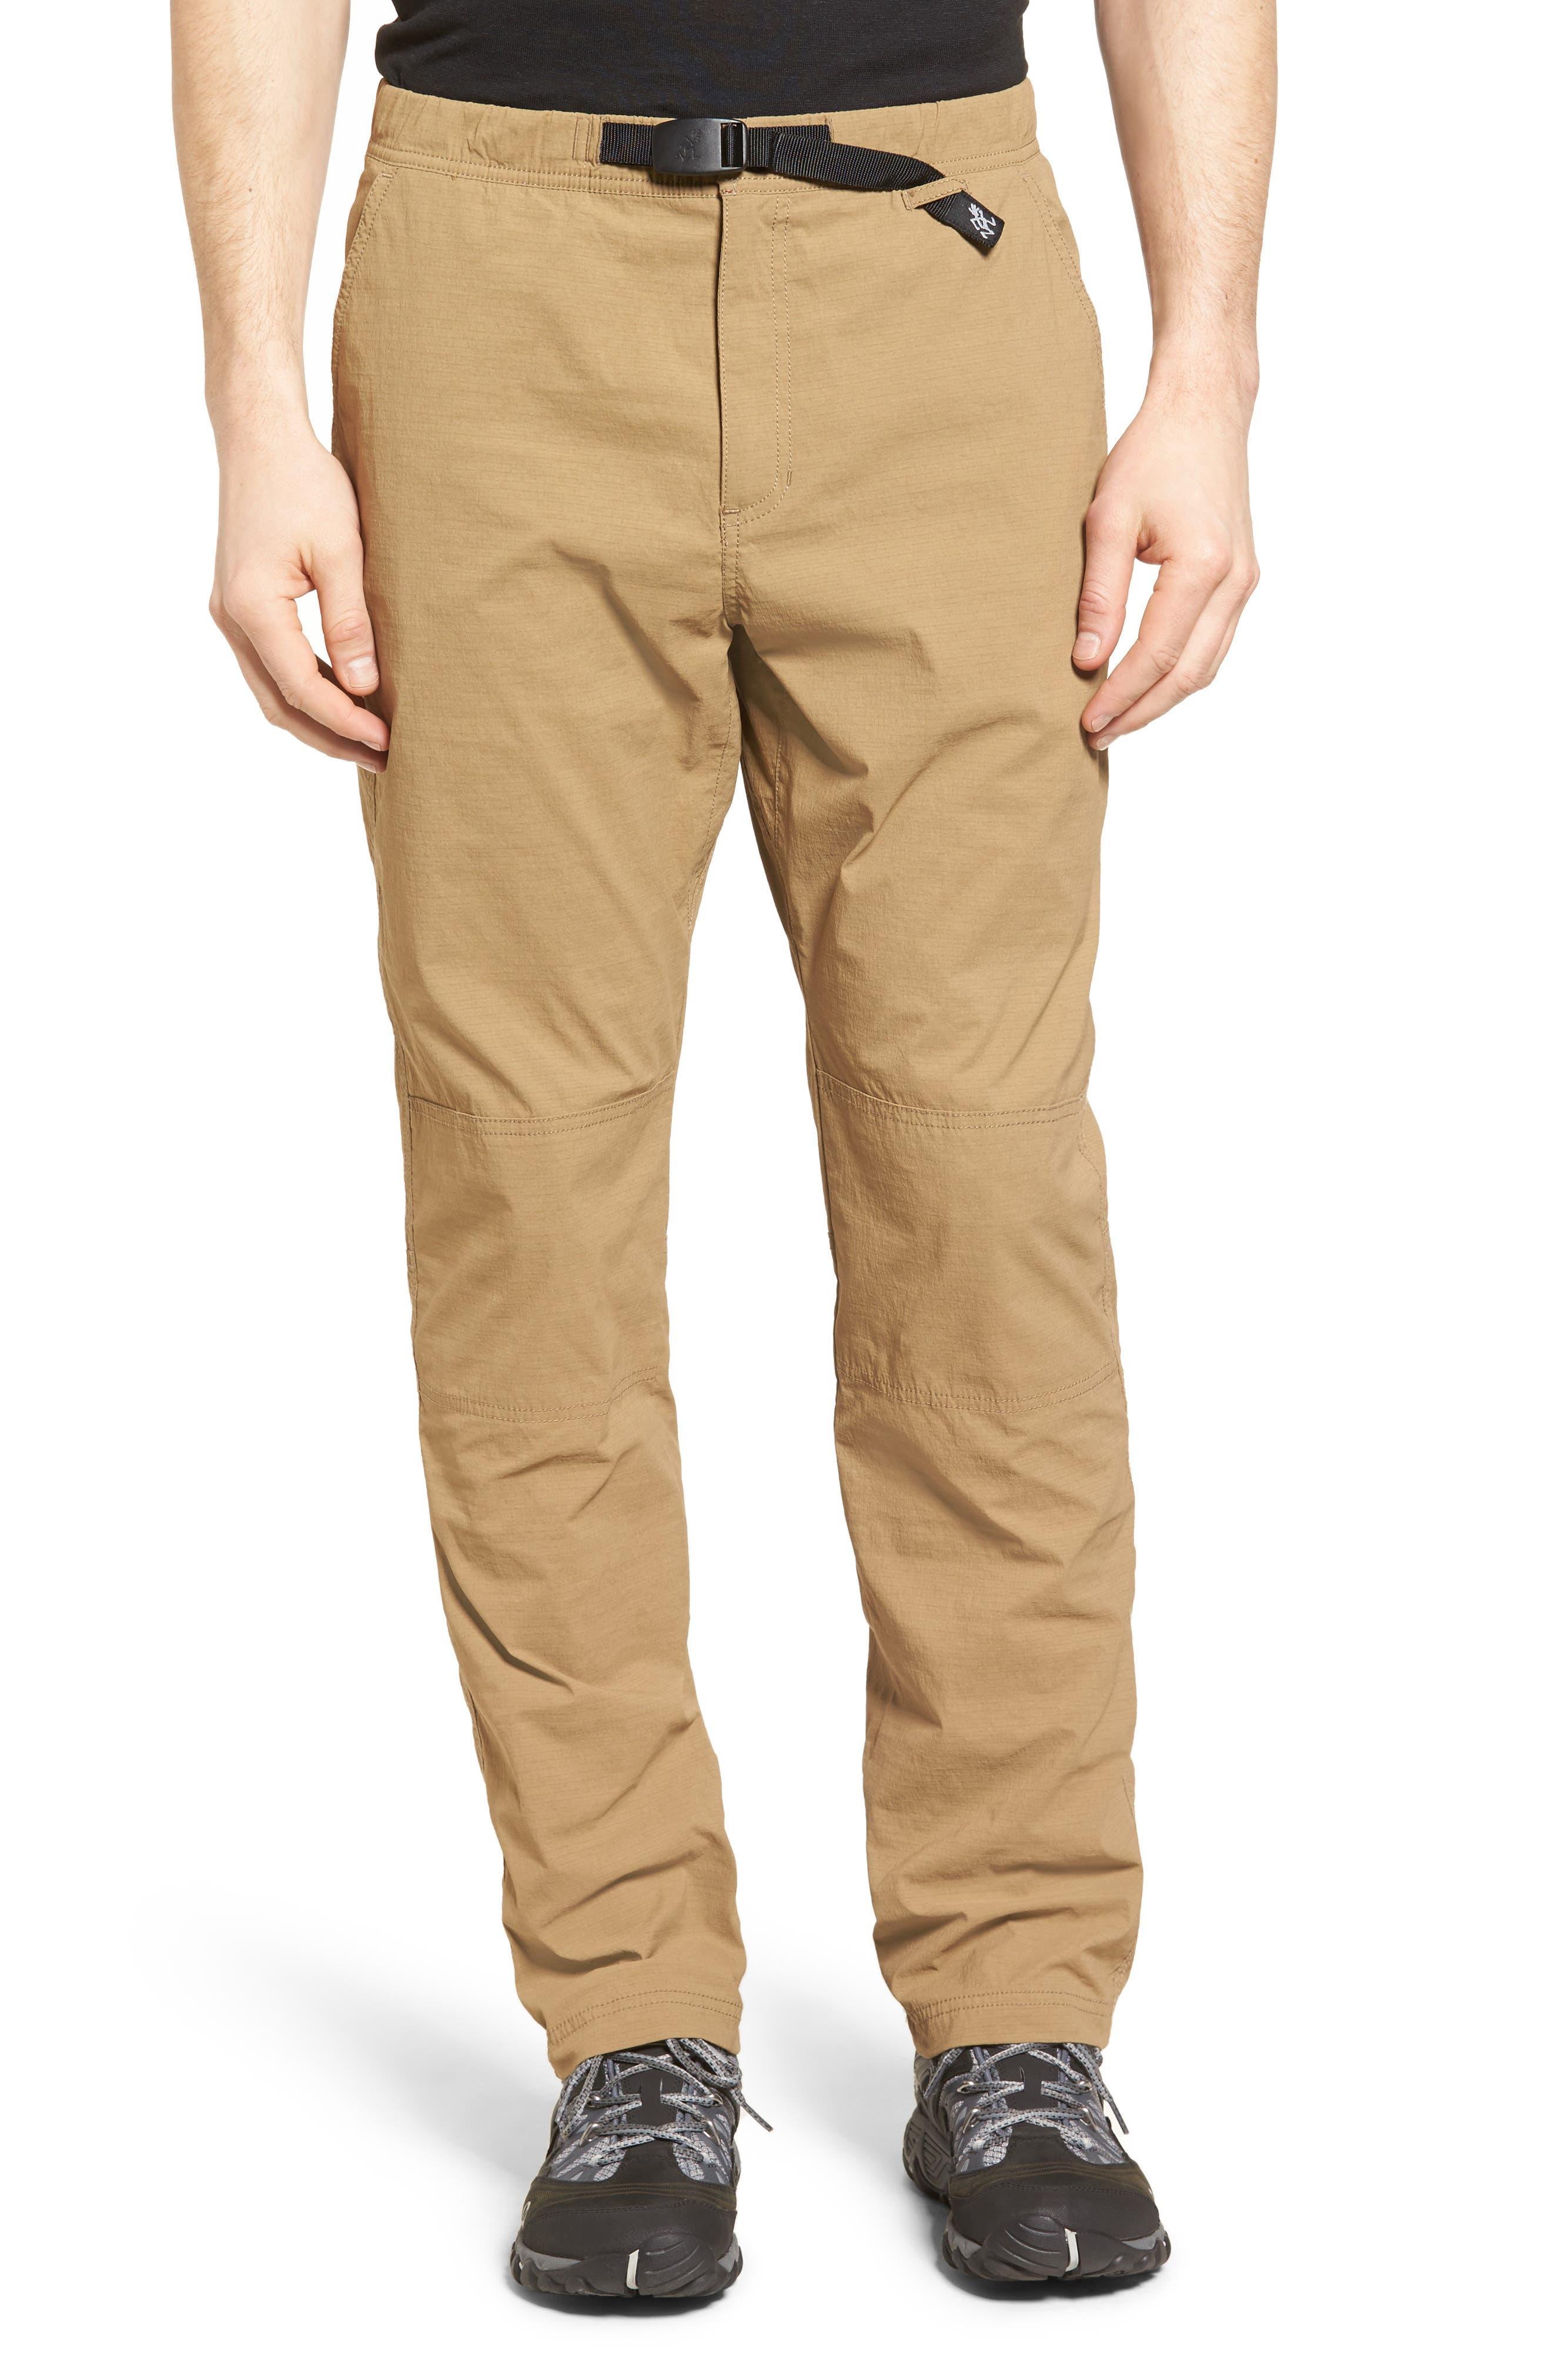 Rough & Tumble Climber G Pants,                         Main,                         color, Sahara Tan